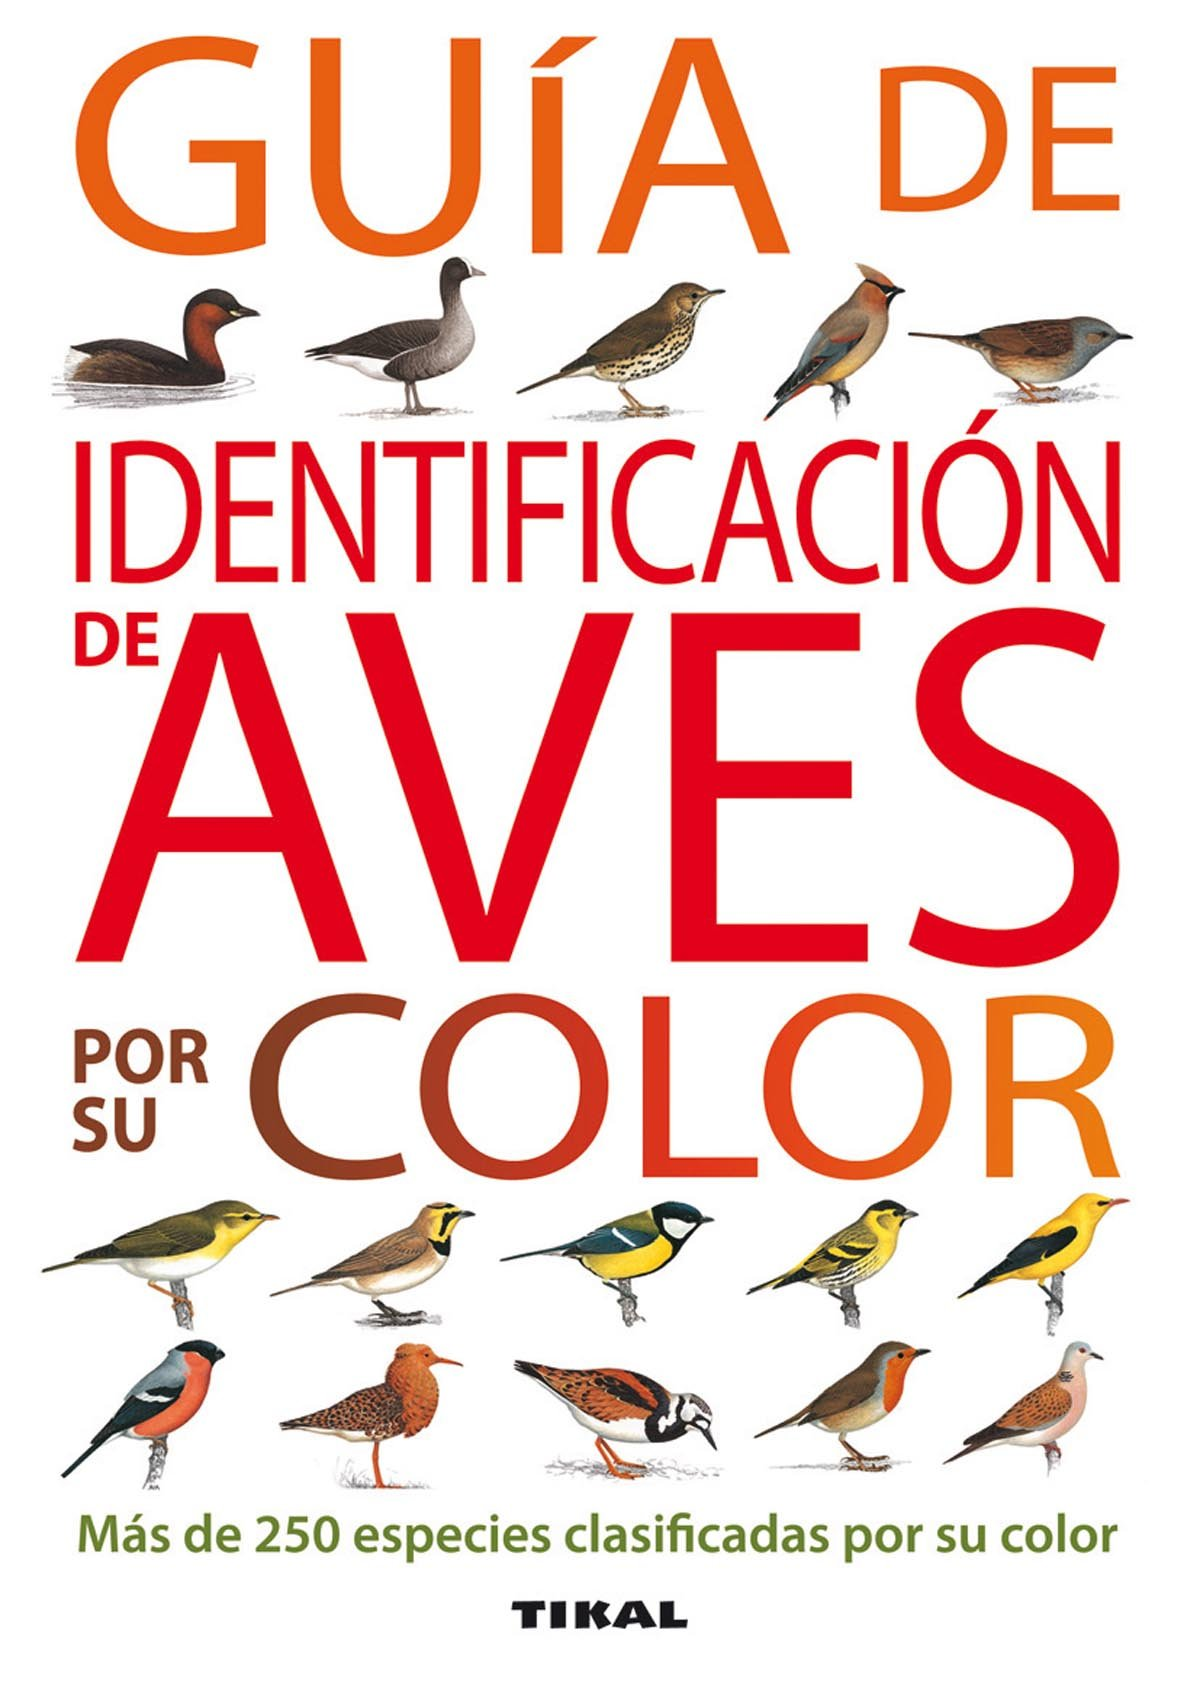 Guia De Identificacion De Aves Por Su Color Guías Practicas: Amazon.es: Arlott, Norman, Taylor, Moss, Arlott, Norman: Libros